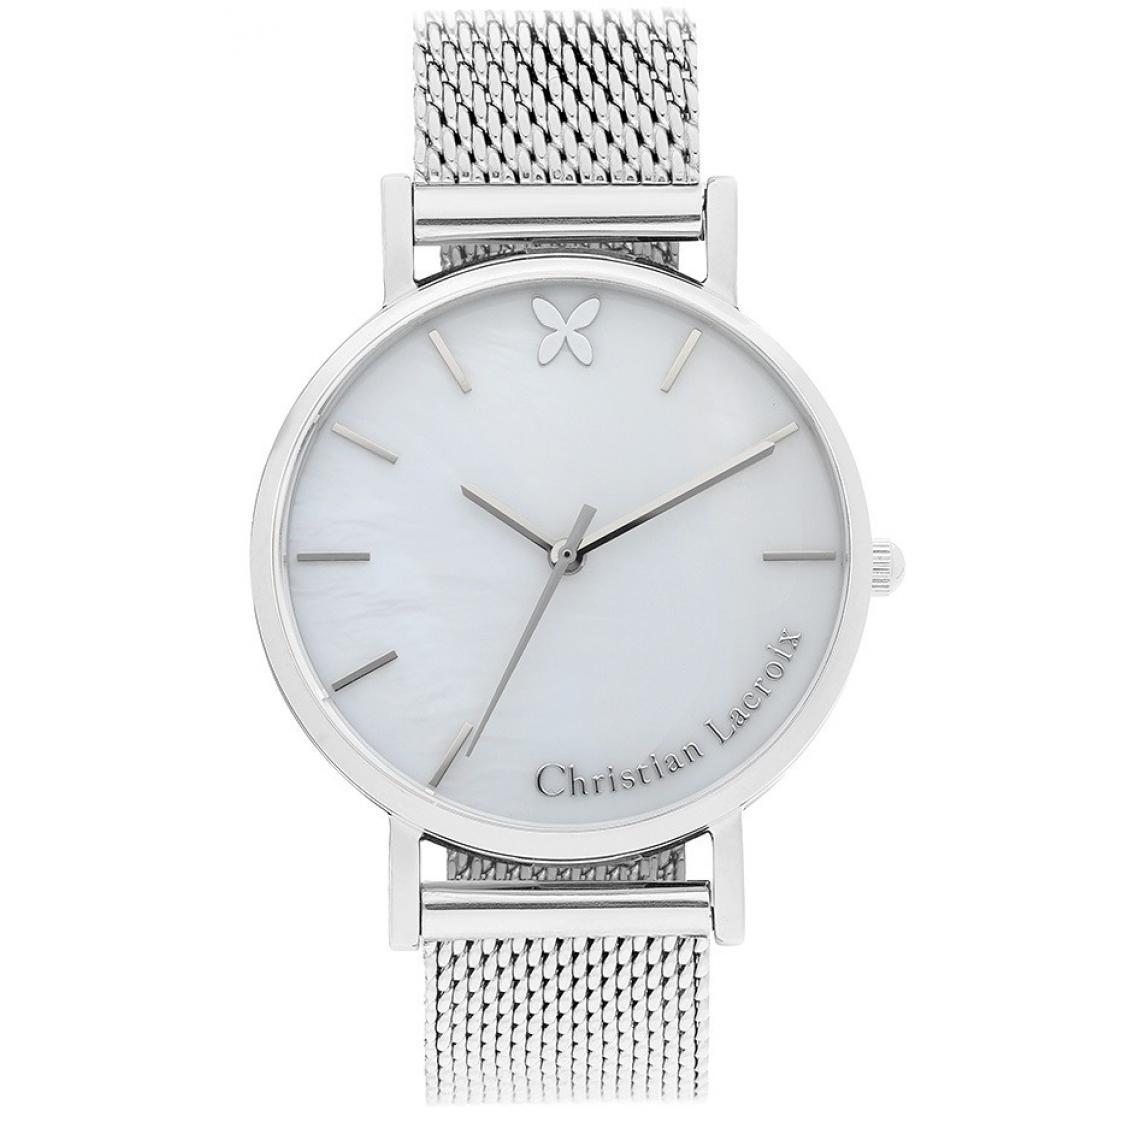 Montres Christian Clfh1805 Lacroix Milanais Montre Acier Bracelet WDHY9eE2I